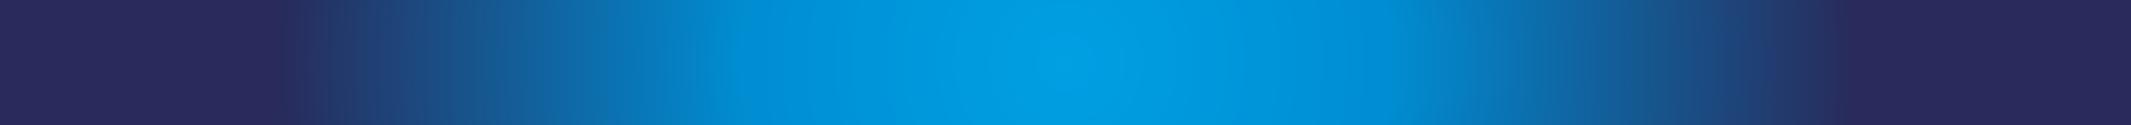 grad-blue